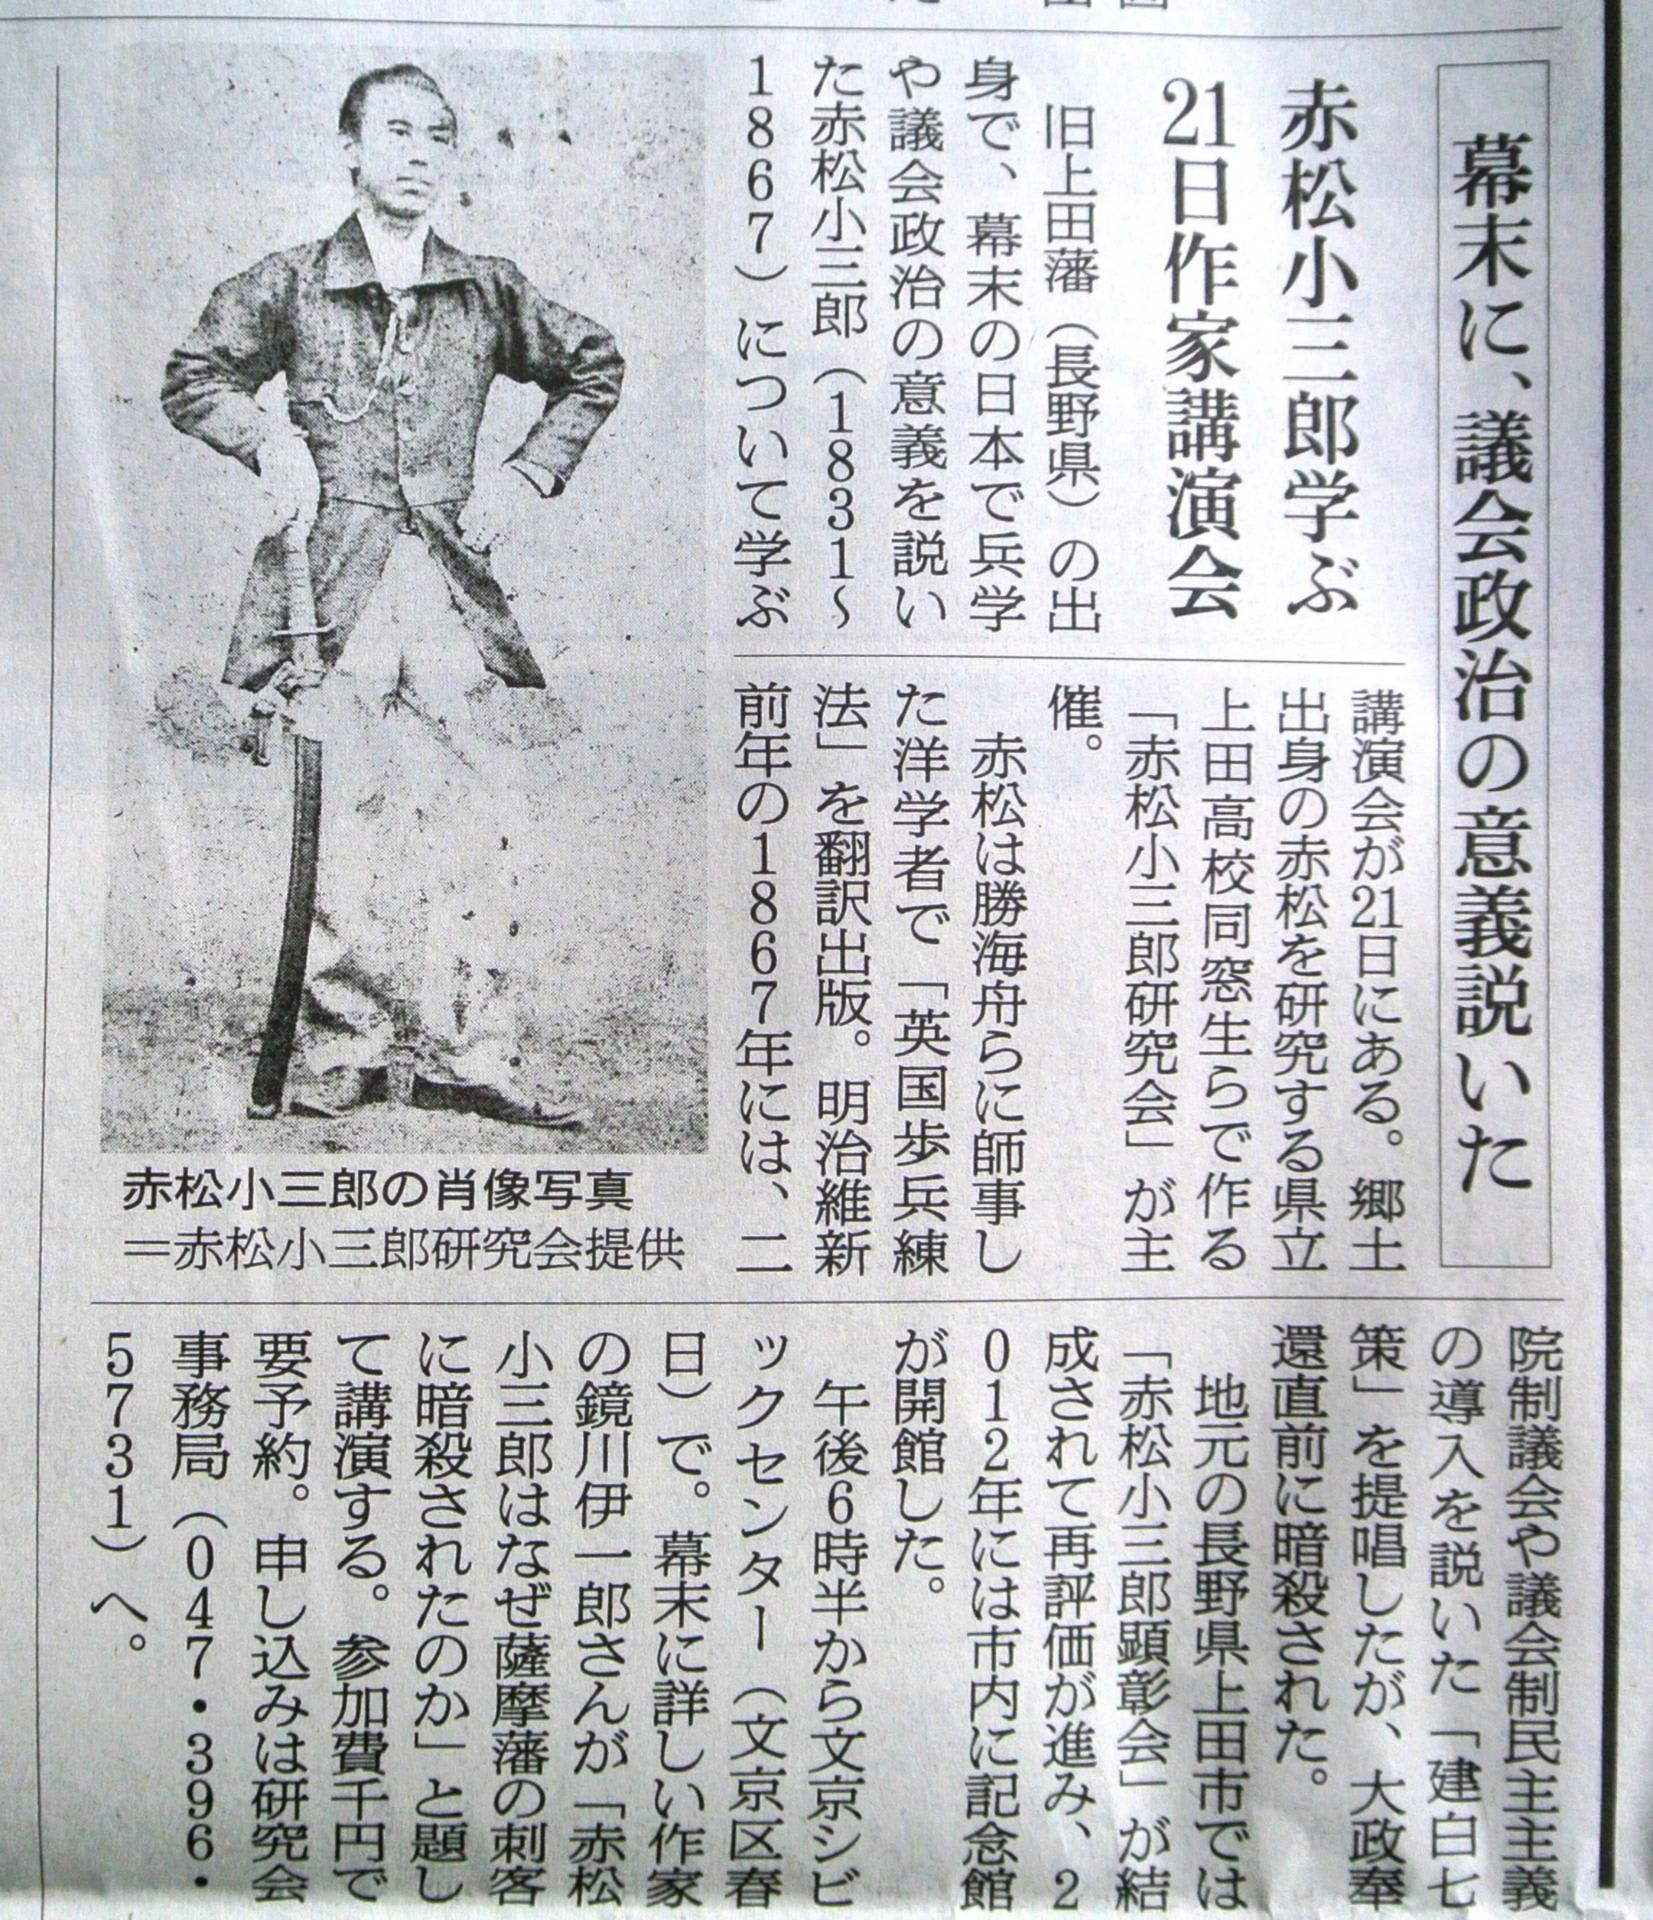 赤松小三郎